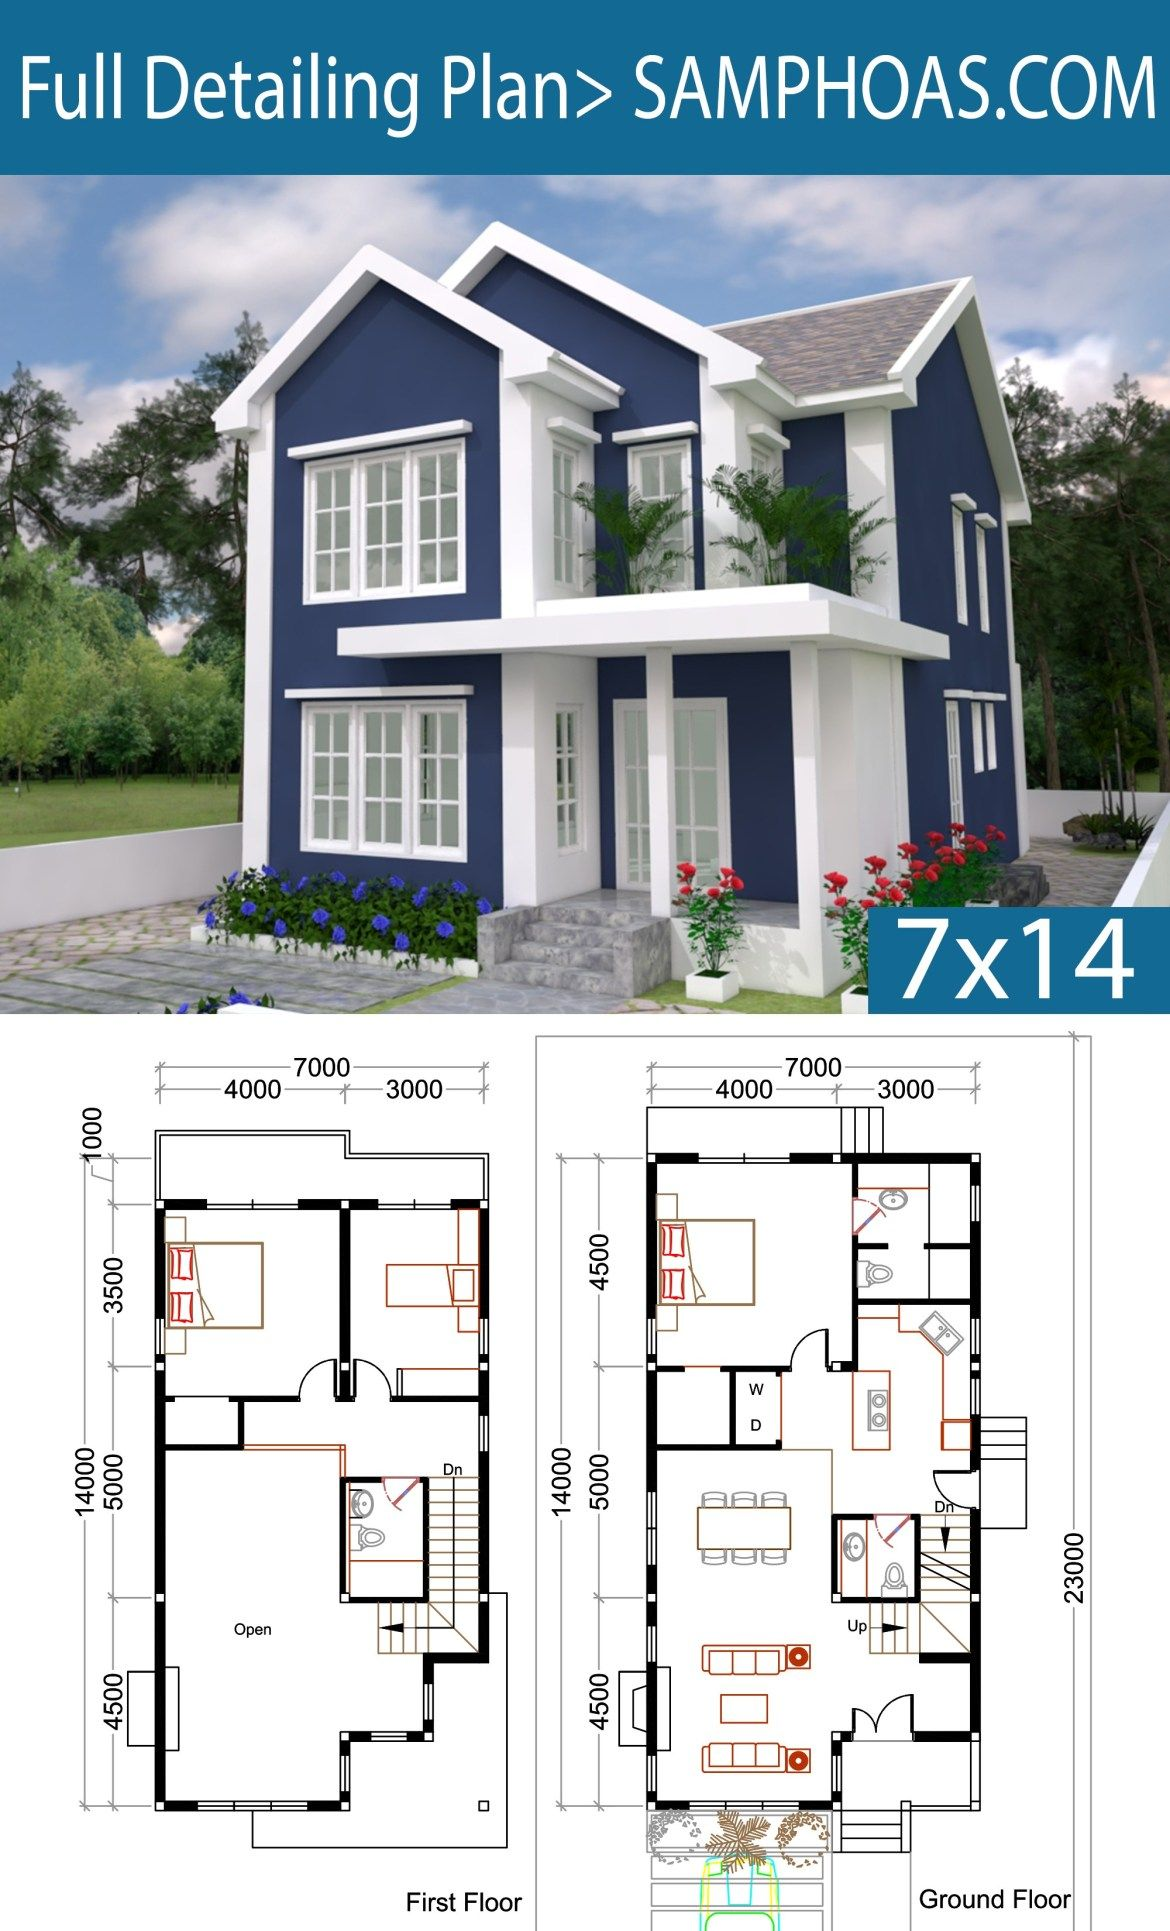 3 Bedrooms Home Plan 7x14m Hauser Haus Grundriss Haus Bauen